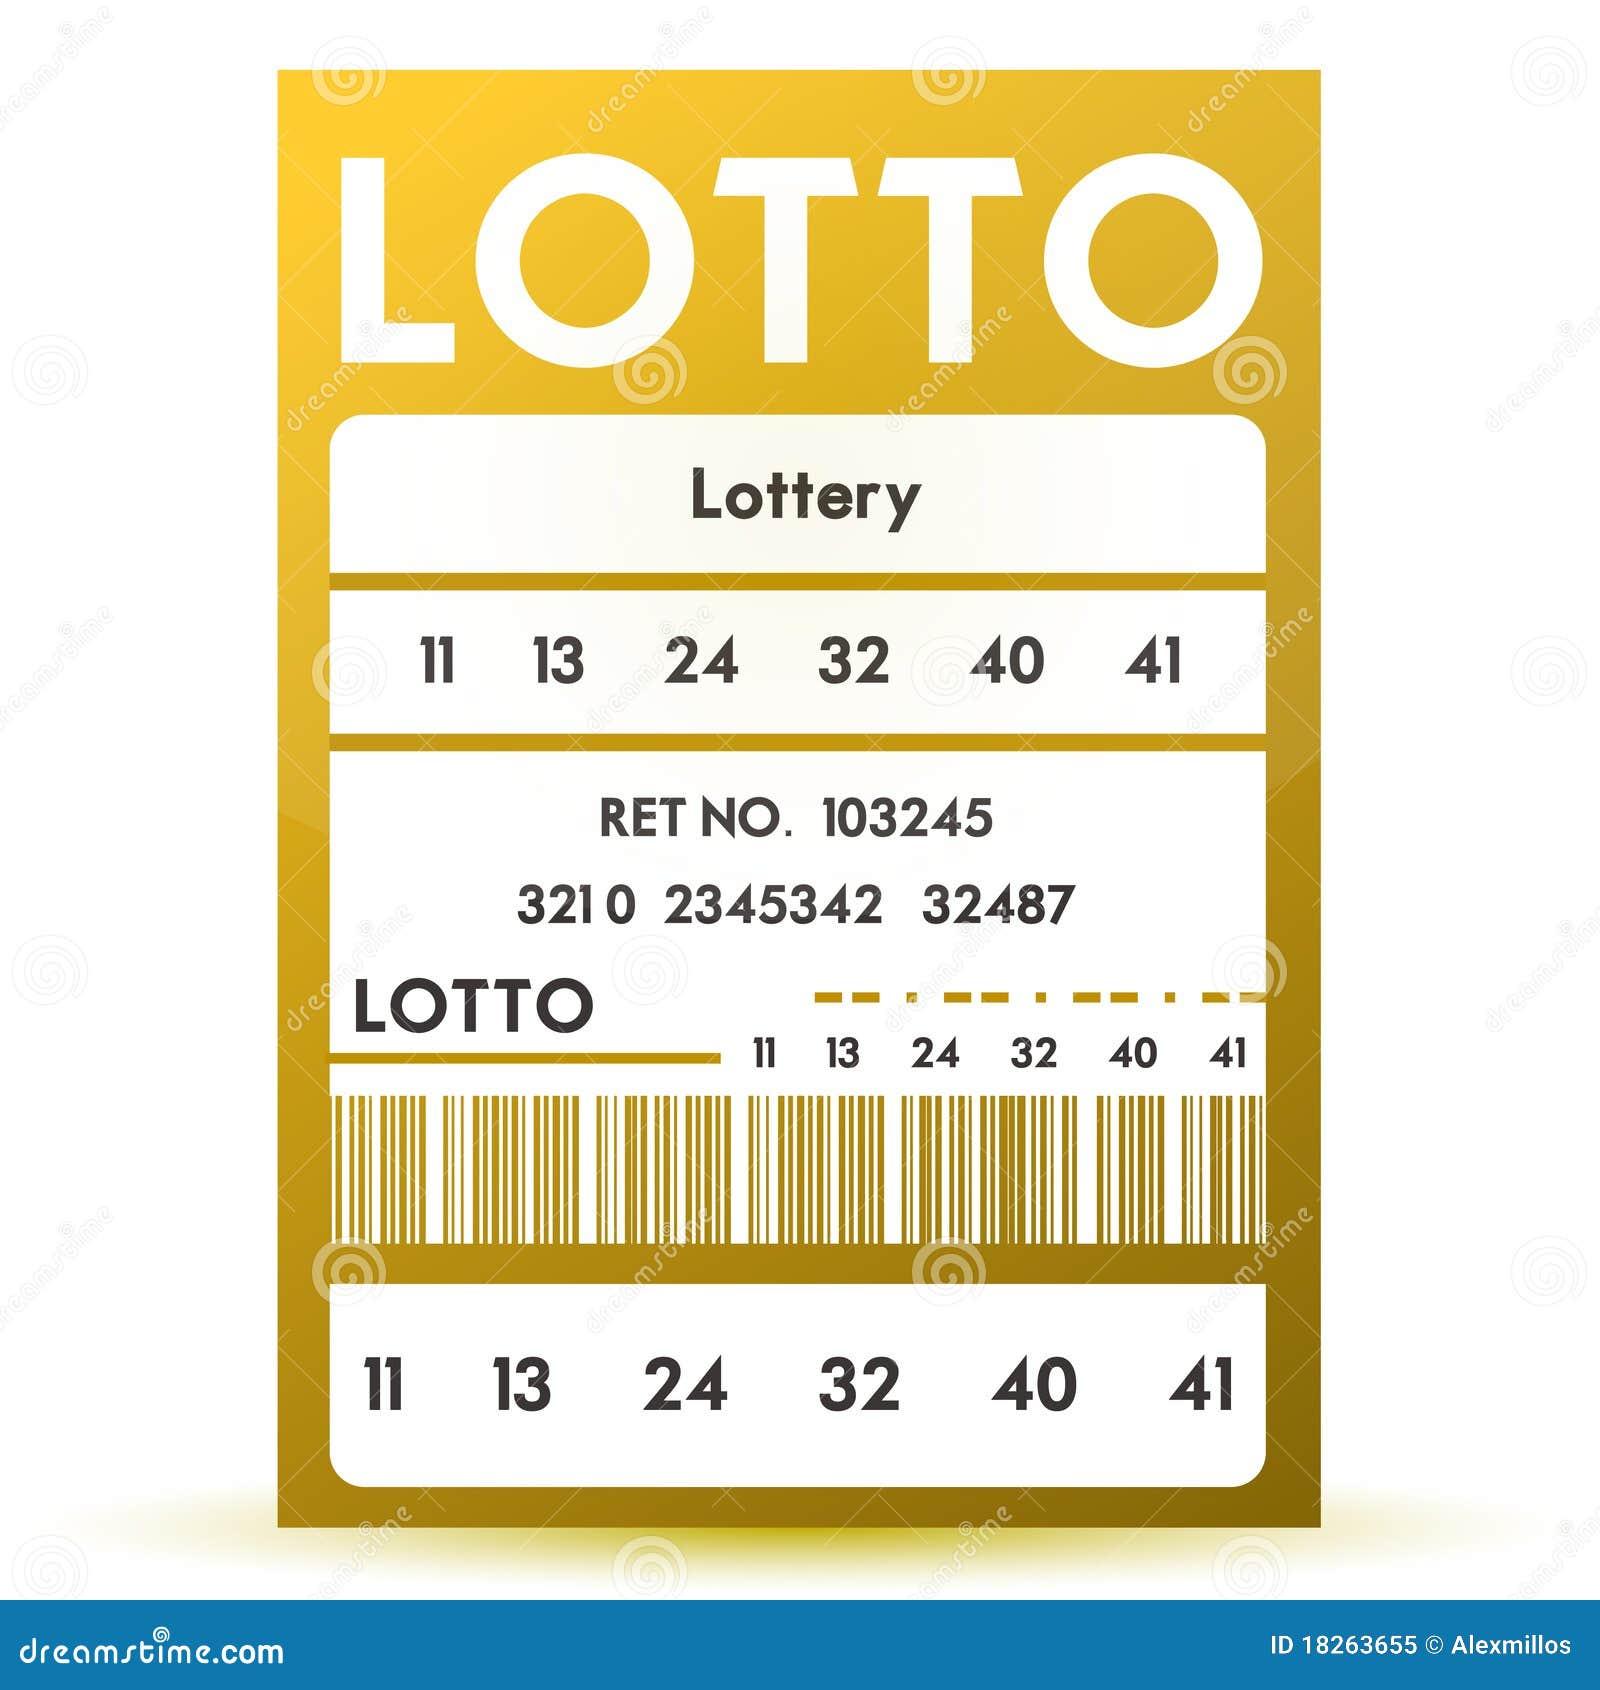 Loteryjna loteryjka